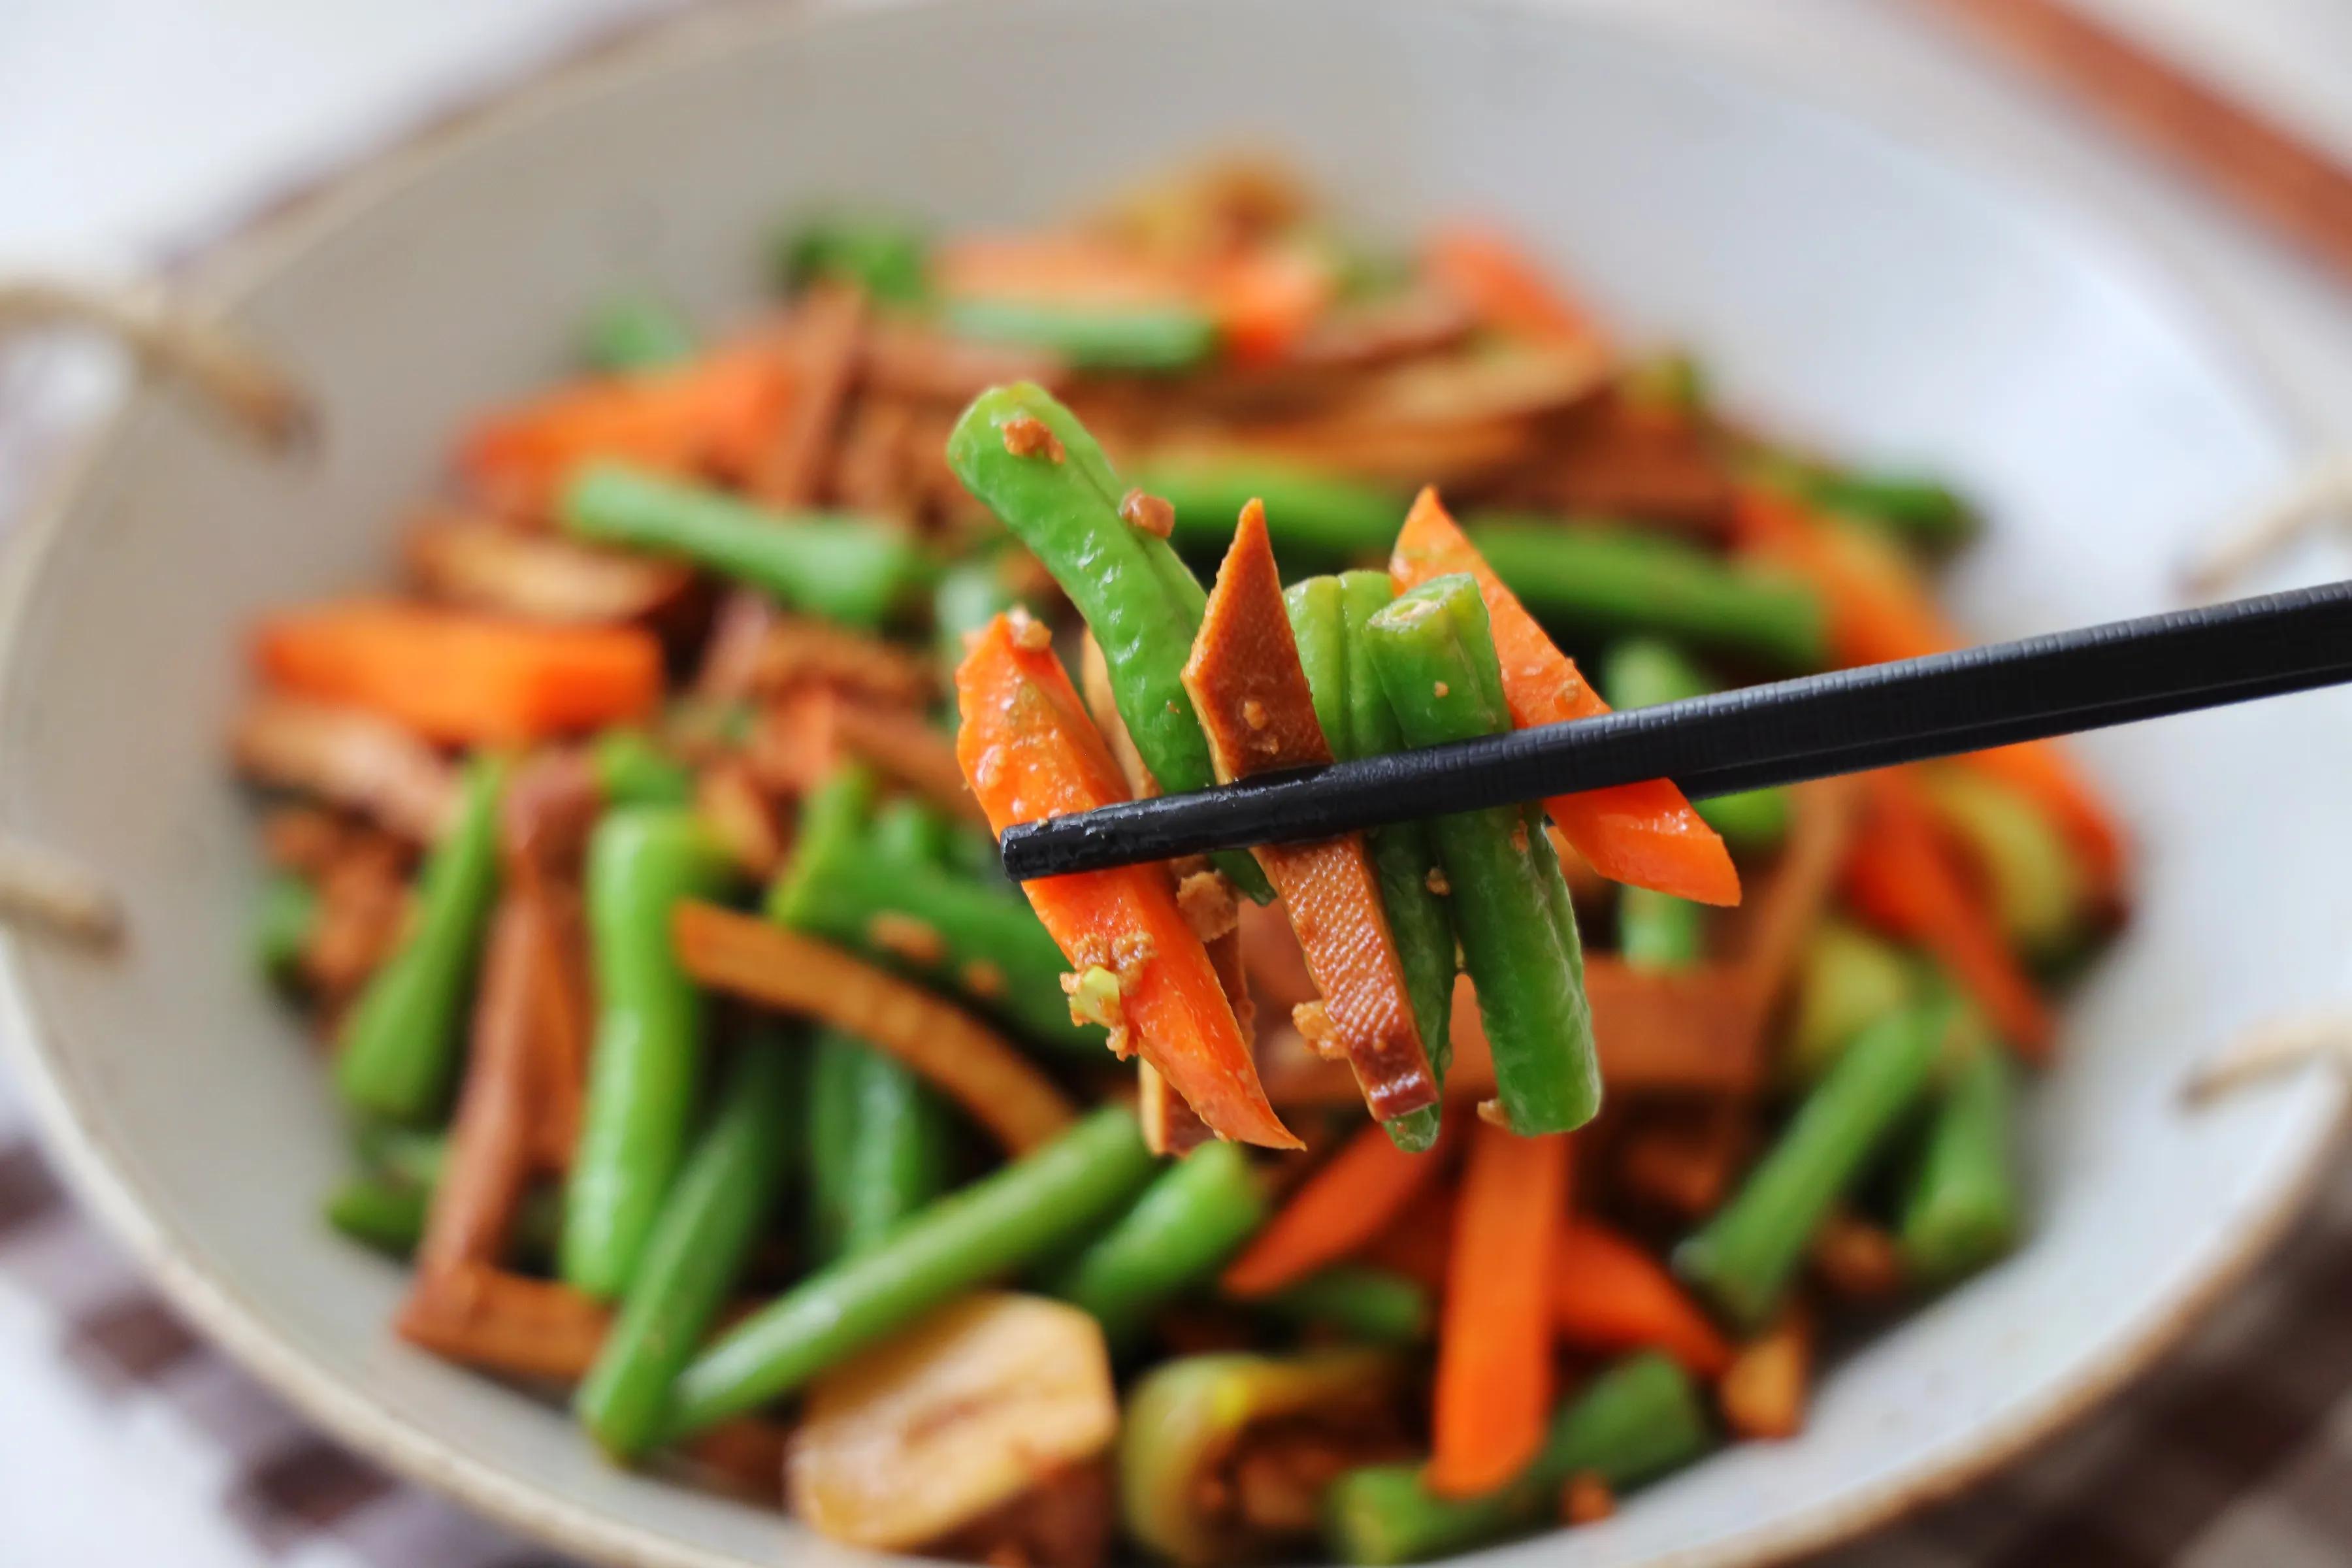 天气热,晚餐要多吃这道家常菜,营养丰富好下饭,多吃也无负担 美食做法 第11张